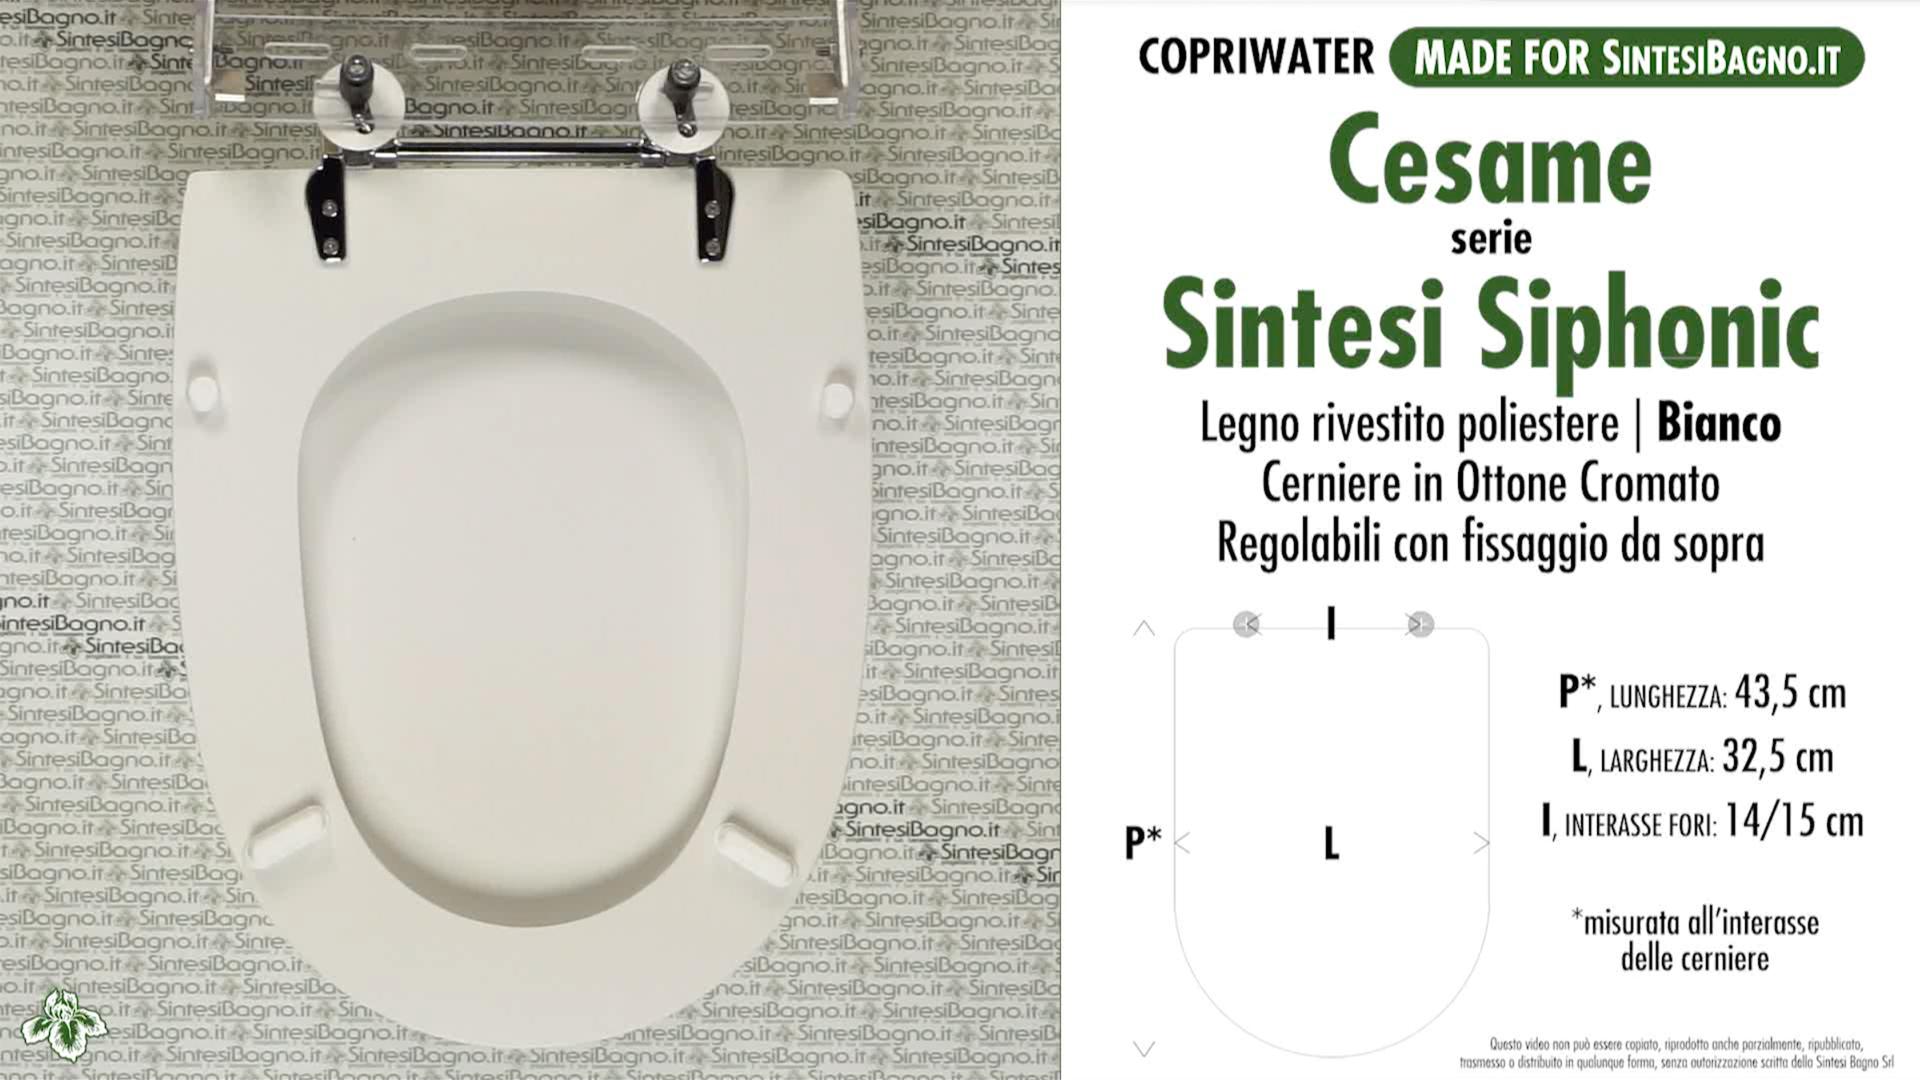 SCHEDA TECNICA MISURE copriwater CESAME SINTESI SIPHONIC